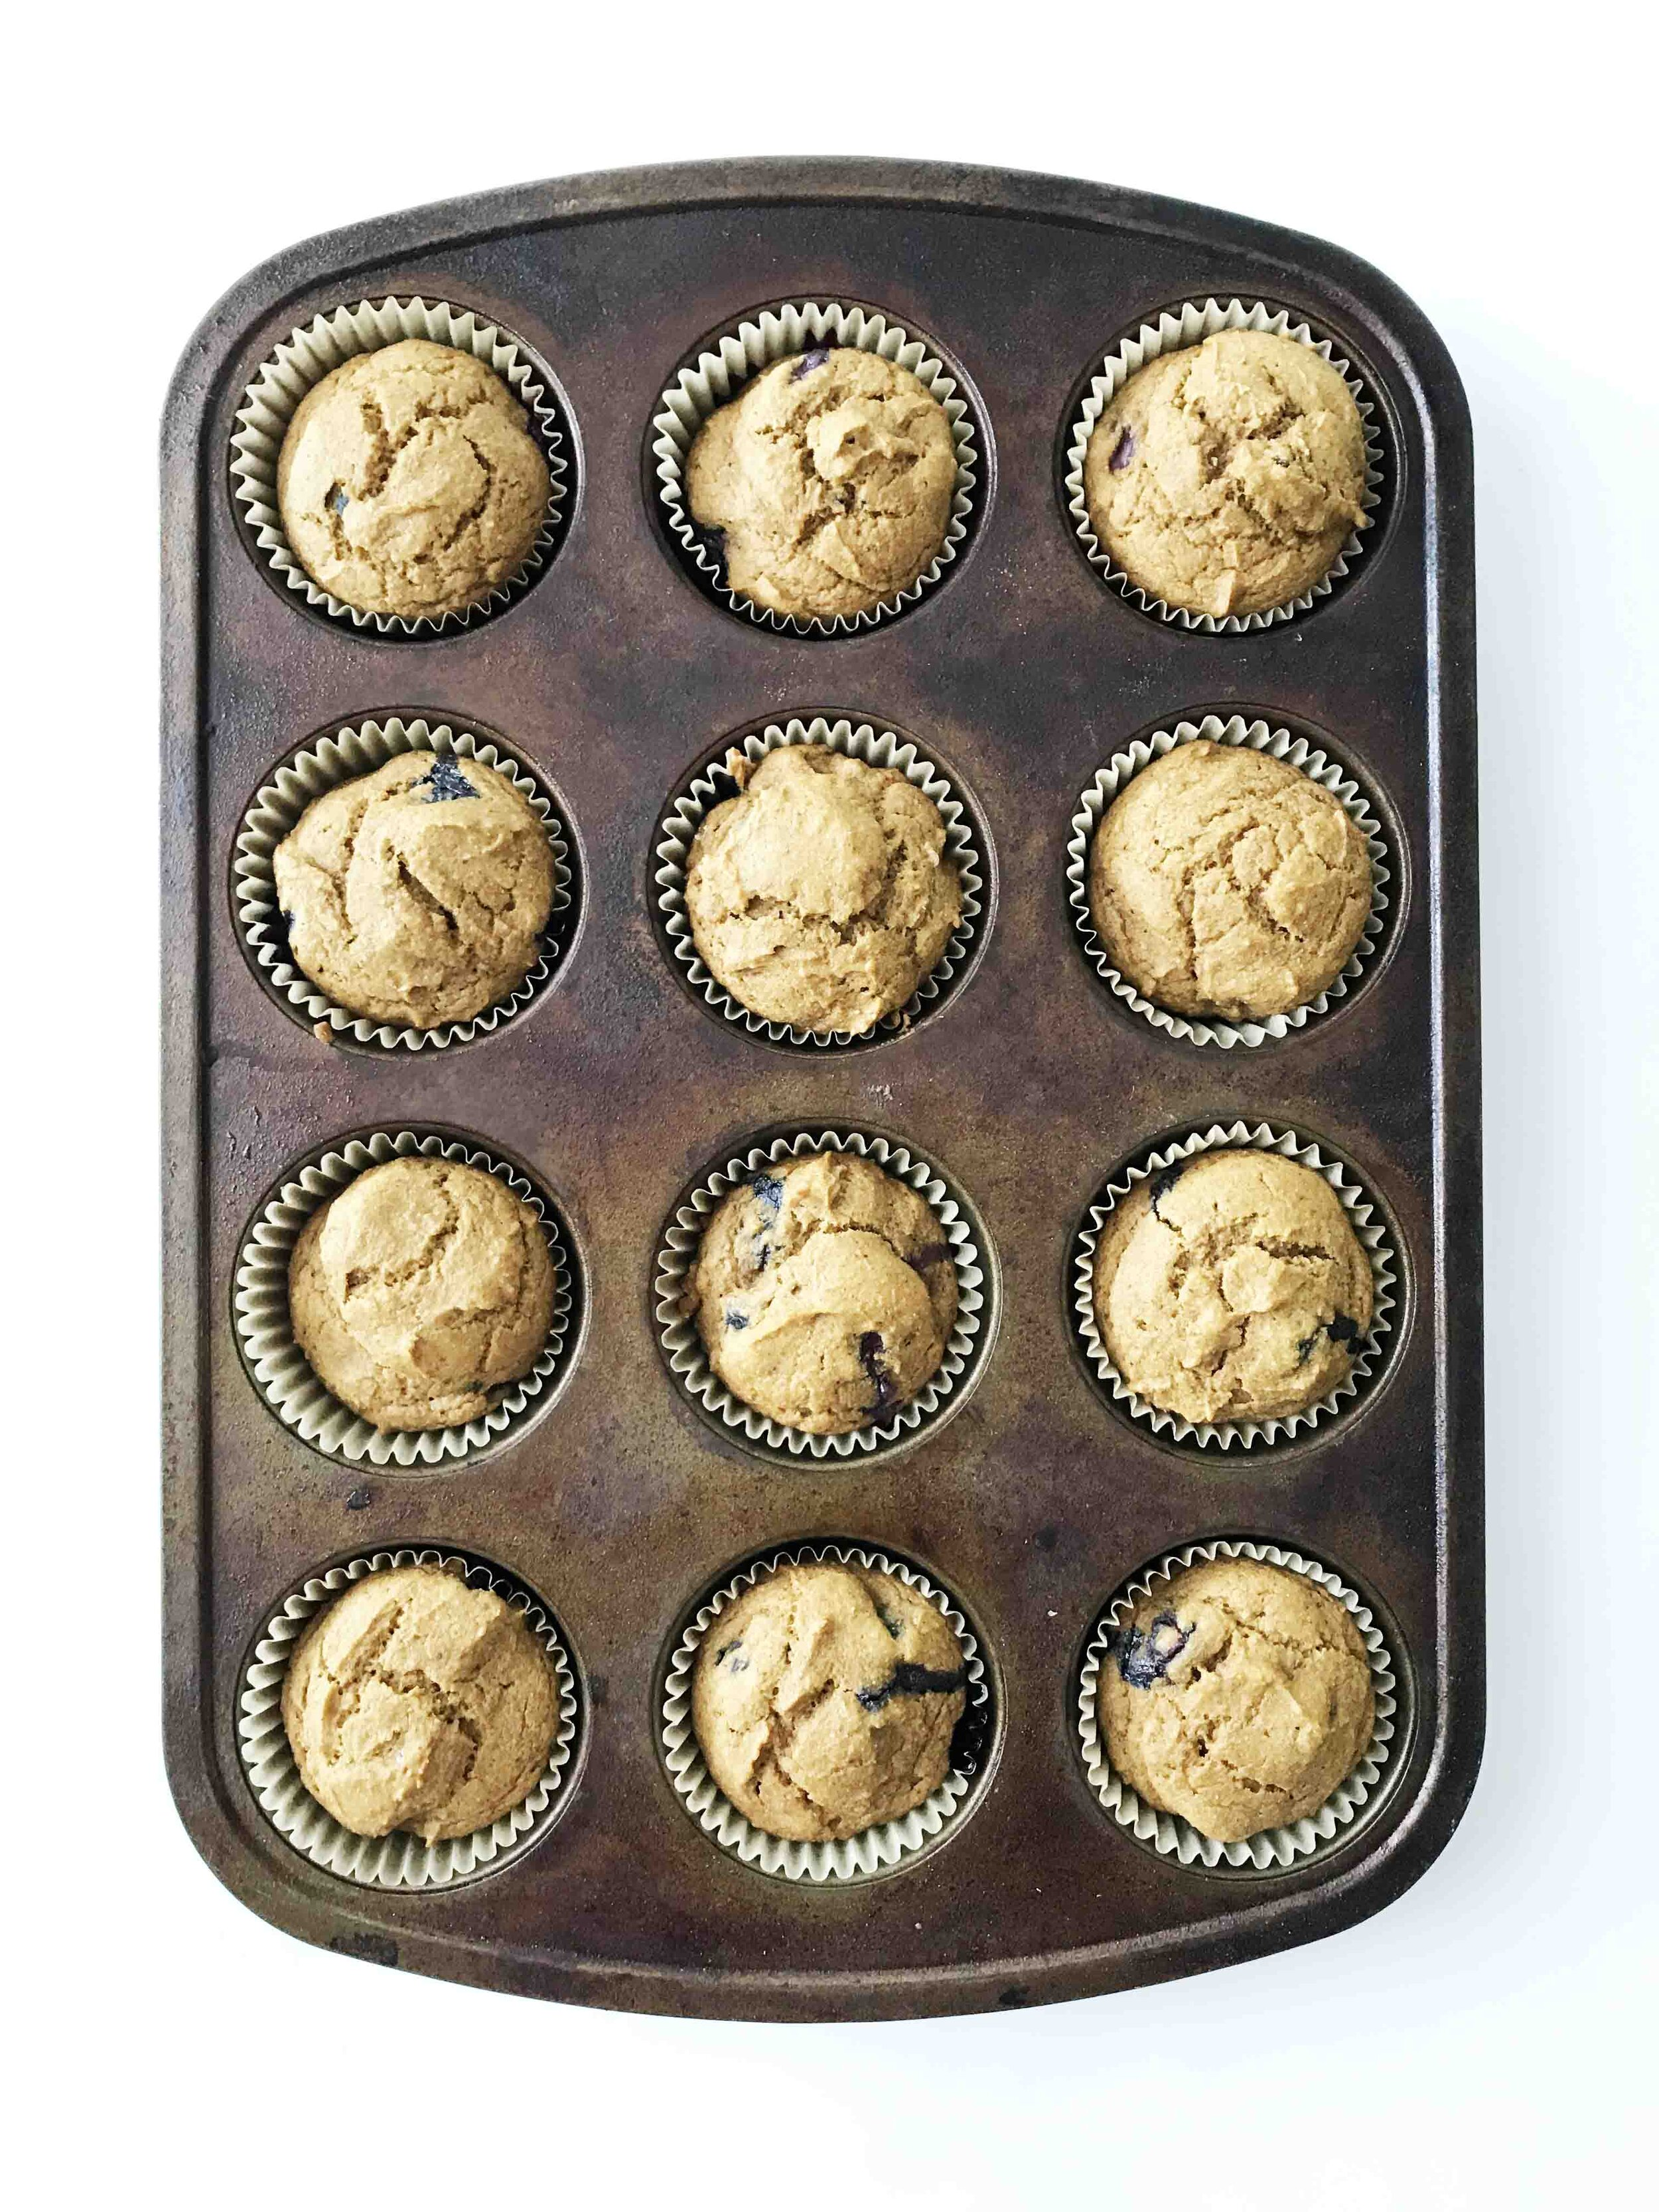 pumpkin-spice-blueberry-muffins6.jpg